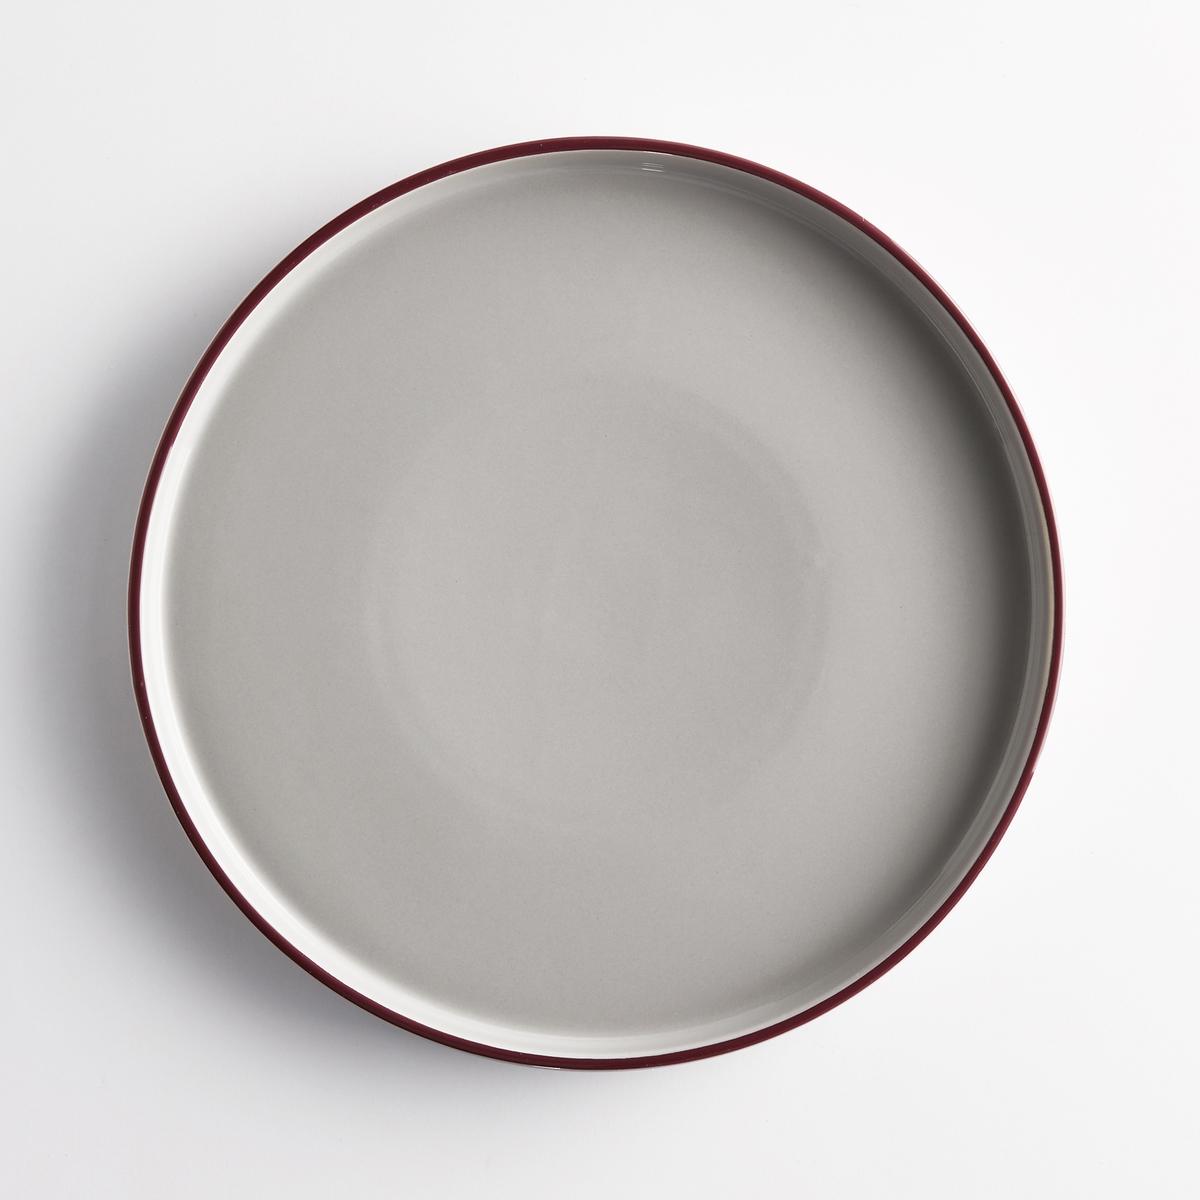 Тарелка плоская керамическая (4 шт.) DRISKOLХарактеристики 4 разноцветных плоских тарелок Driskol :Из керамики.Разноцветный геометрический рисунок.Размеры 4 разноцветных плоских тарелок Driskol :диаметр 27 смРасцветка :Серая с каймой контрастного цвета.Другие тарелки и предметы декора стола вы можете найти на сайте laredoute.ru<br><br>Цвет: разноцветный